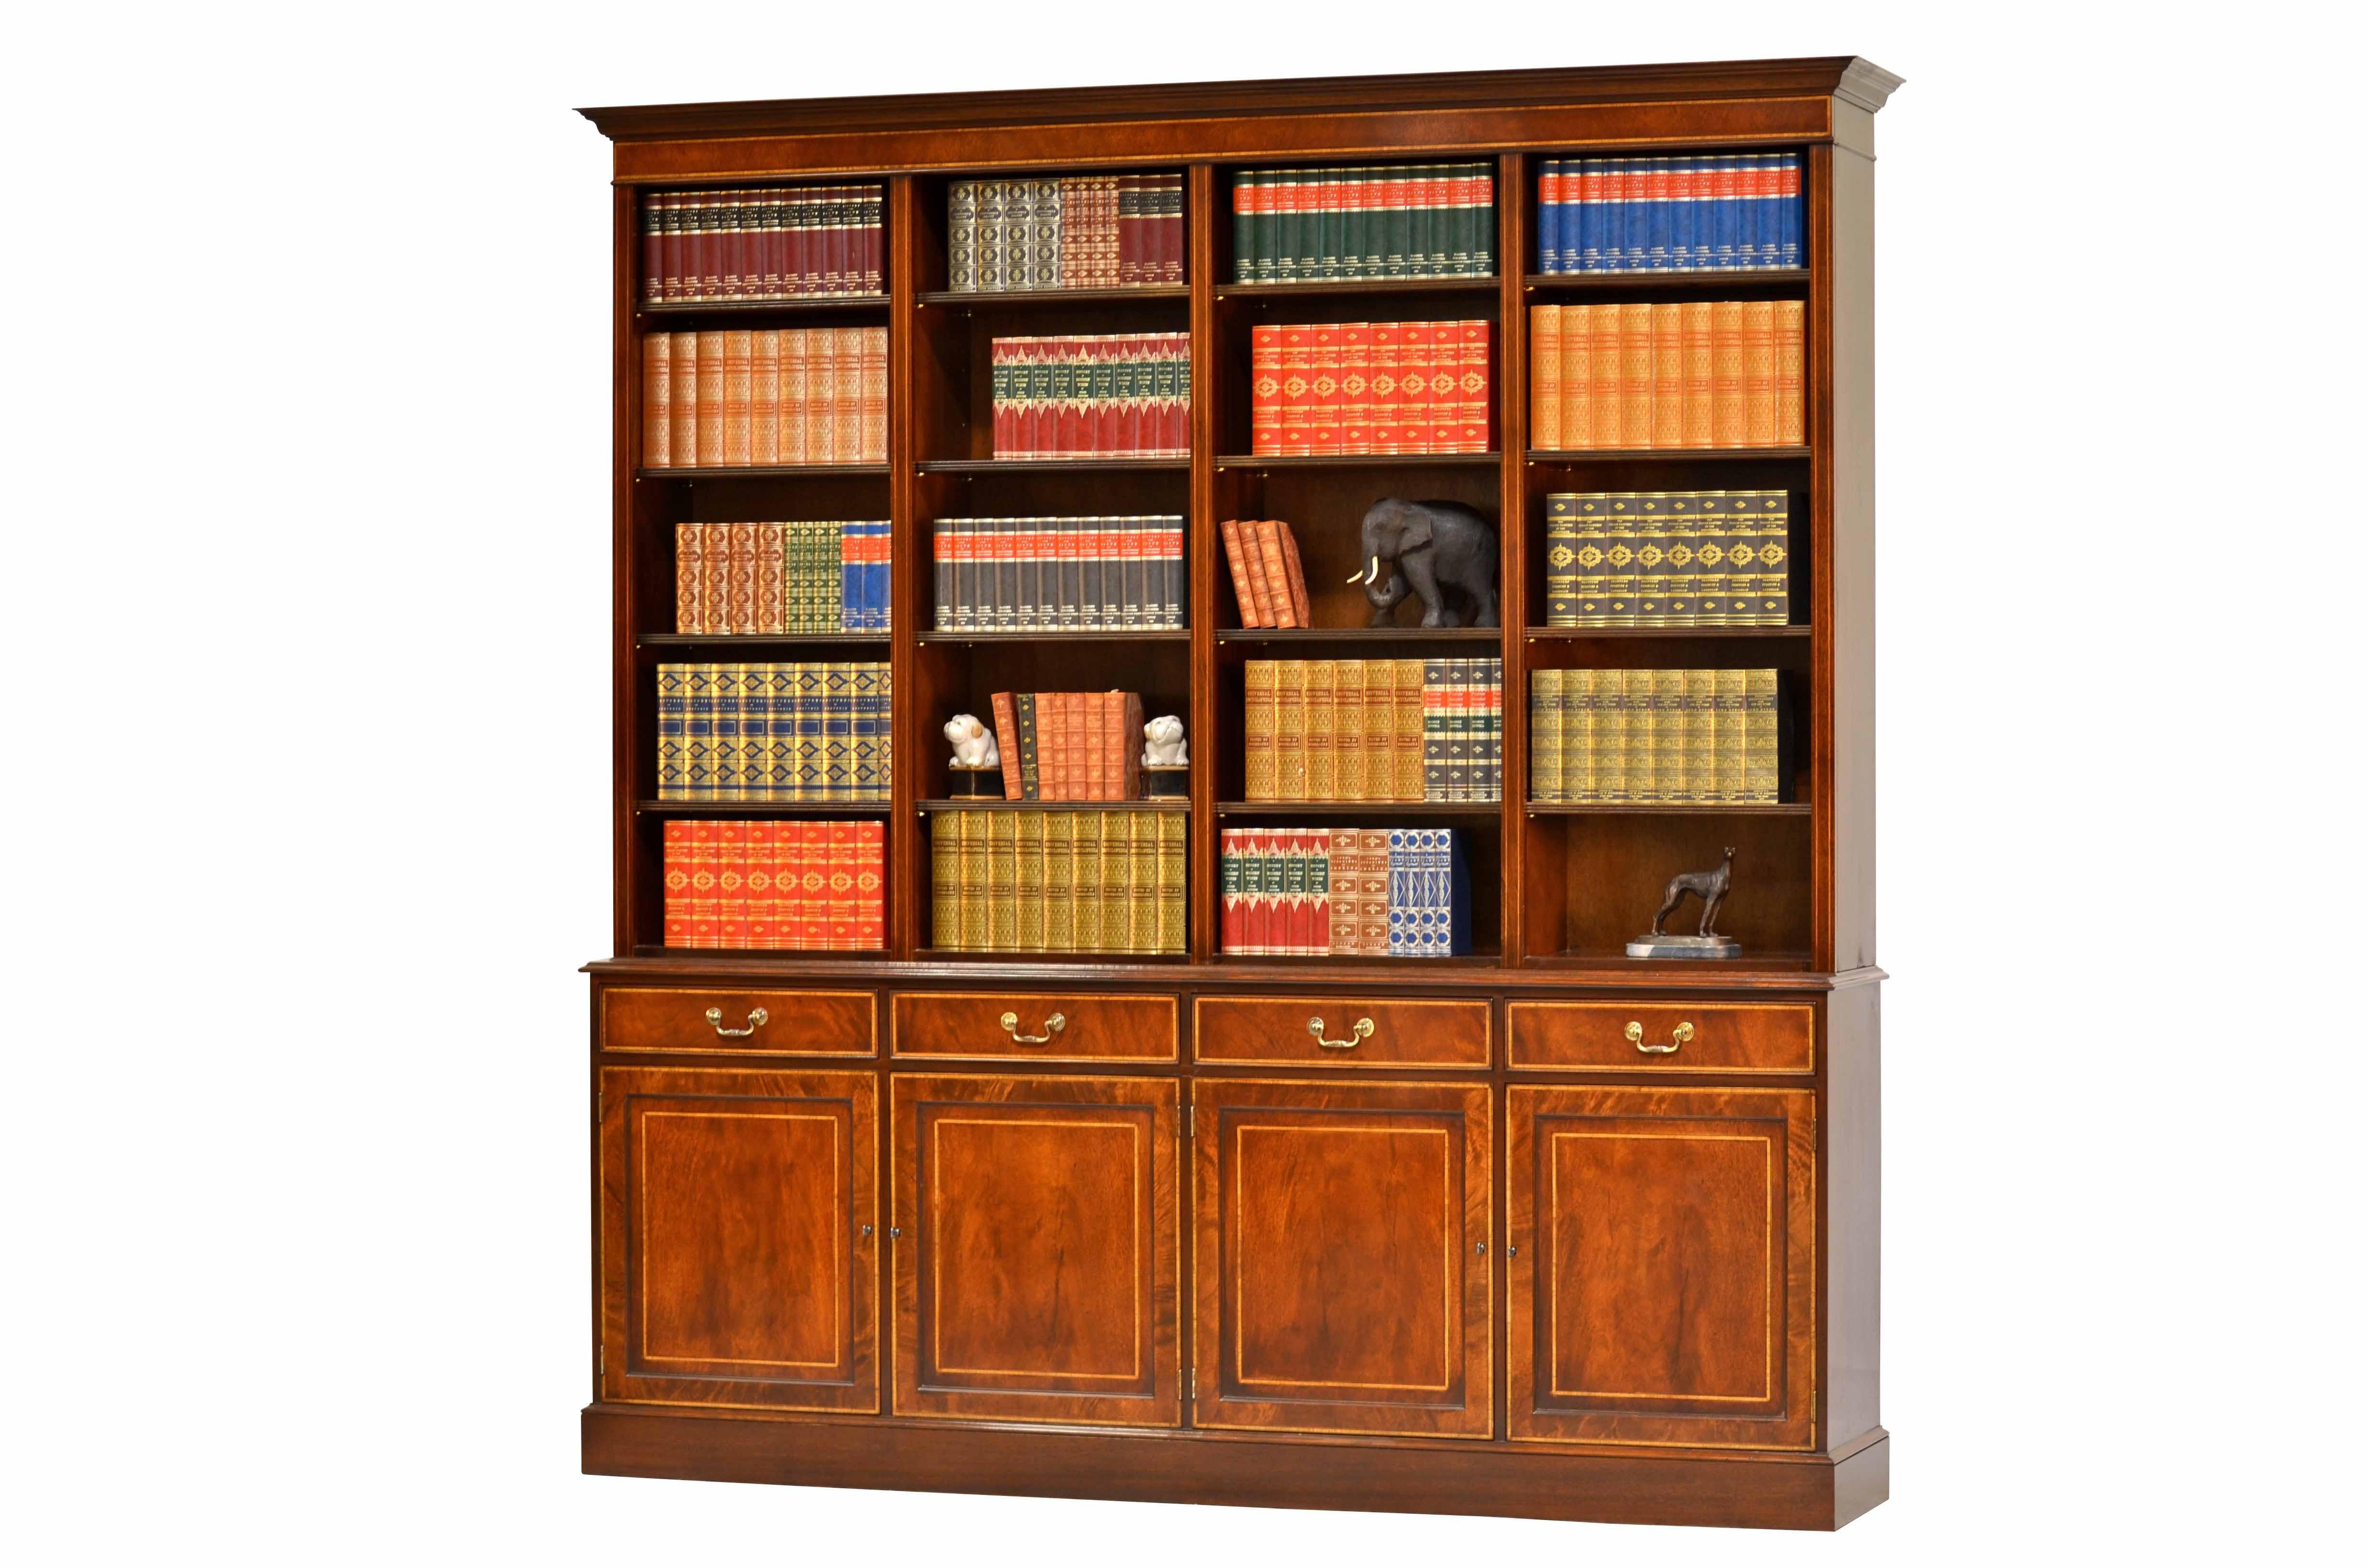 b cherschrank englische stilm bel von kai. Black Bedroom Furniture Sets. Home Design Ideas